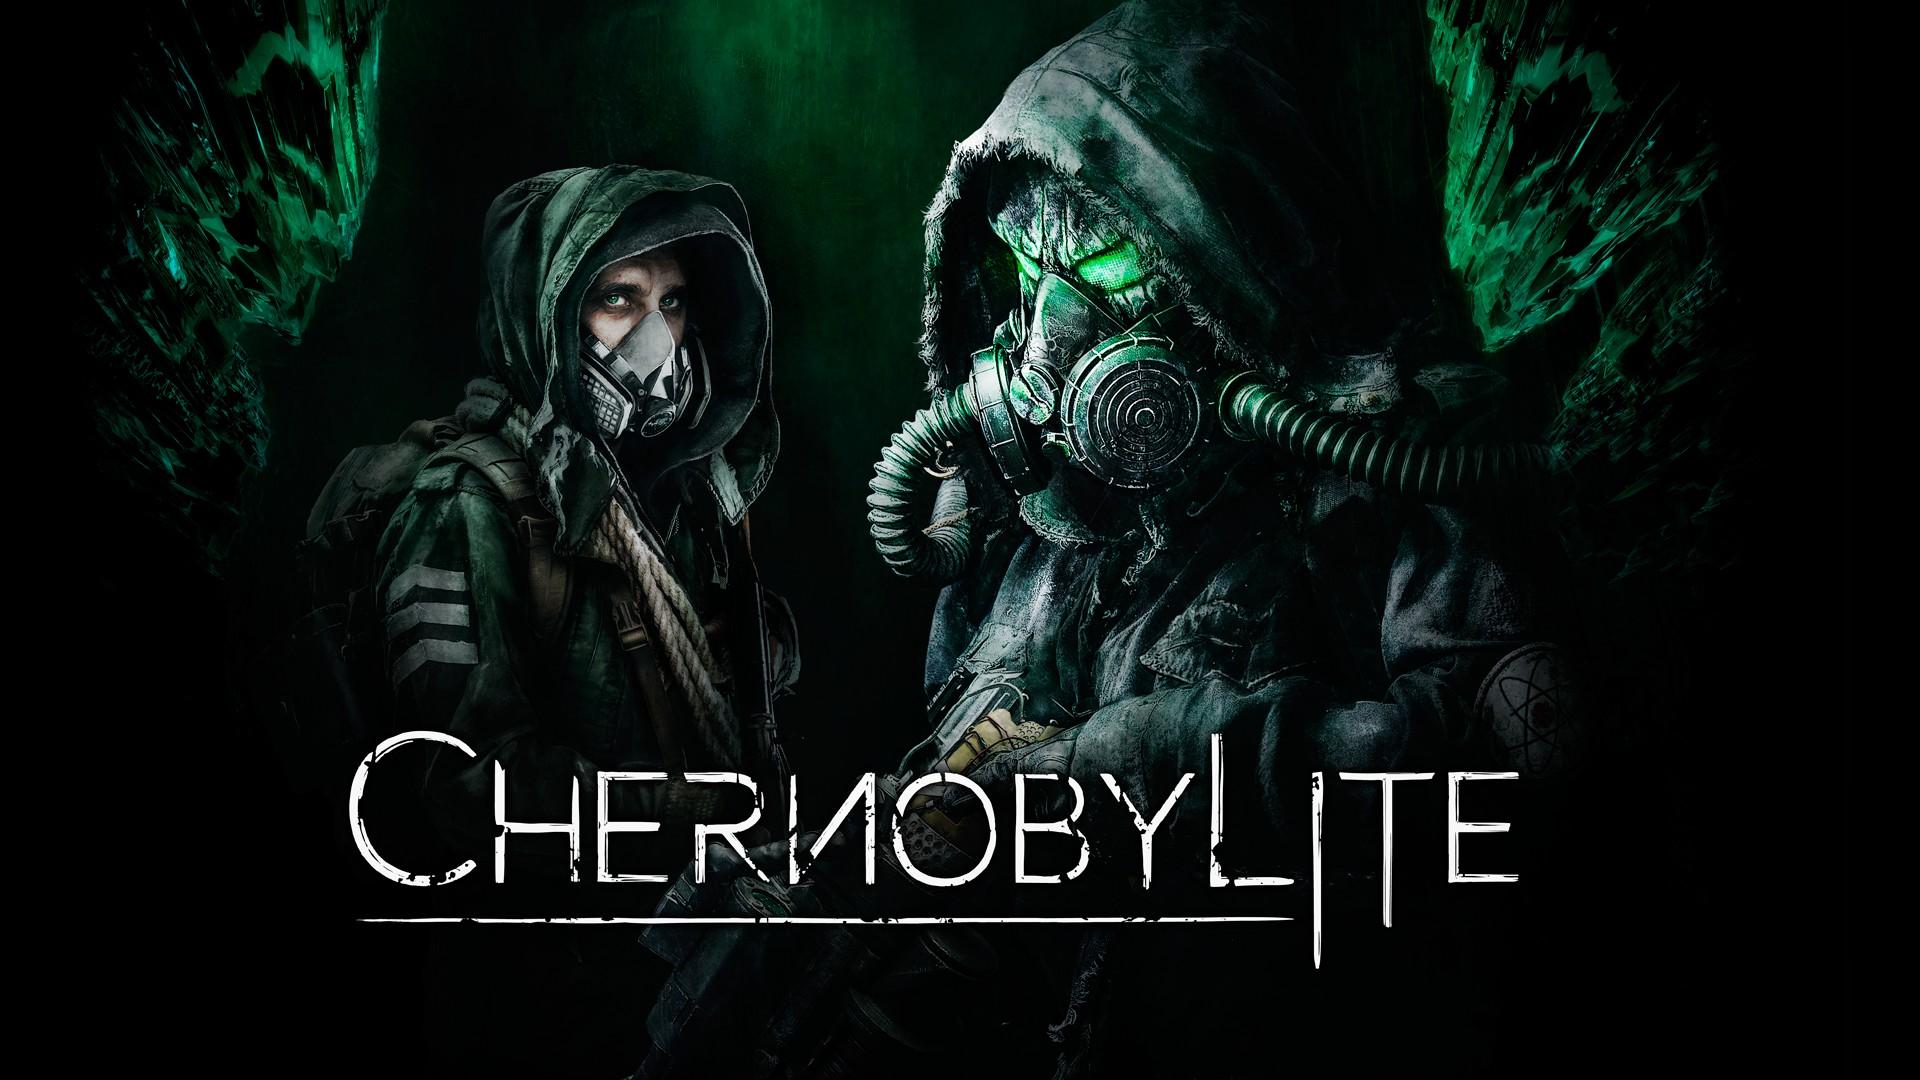 Научно-фантастический хоррор о Чернобыле Chernobylite получил дату выхода на всех платформах